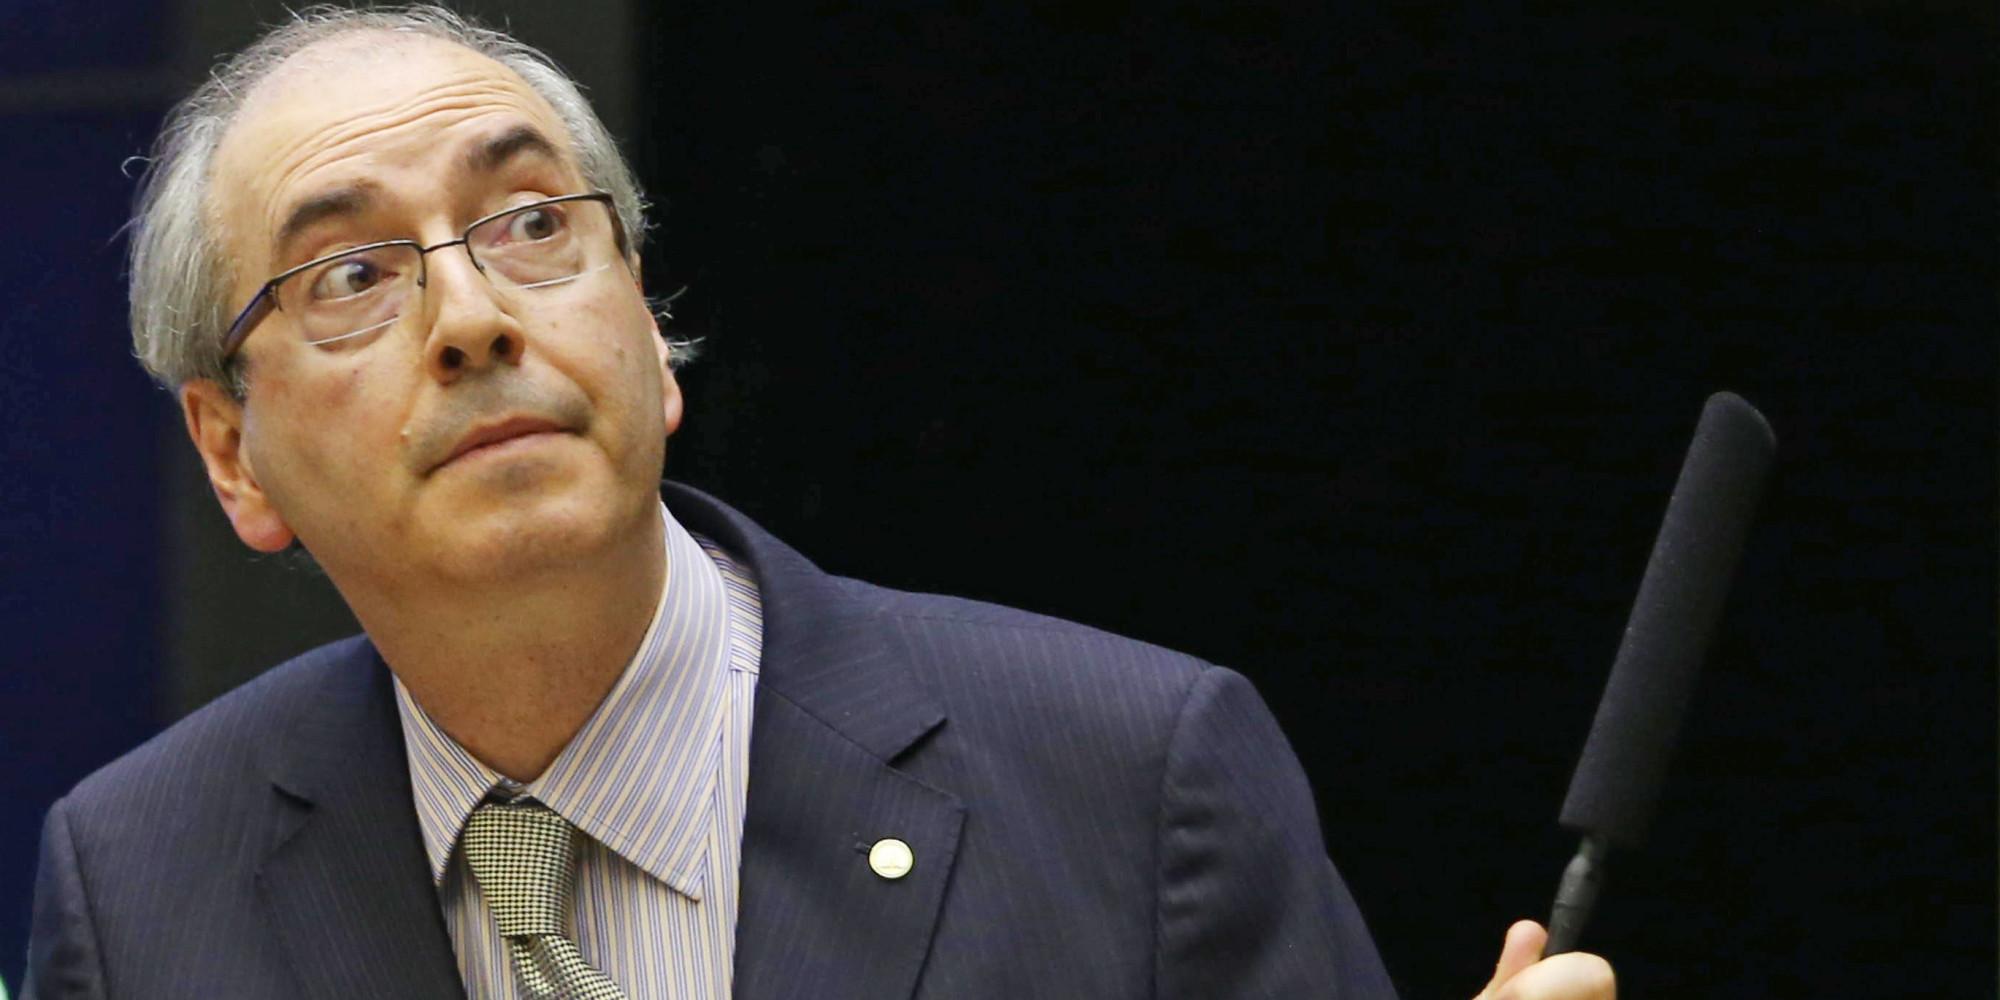 Cunha manobra para assegurar mandato e derrubar Dilma